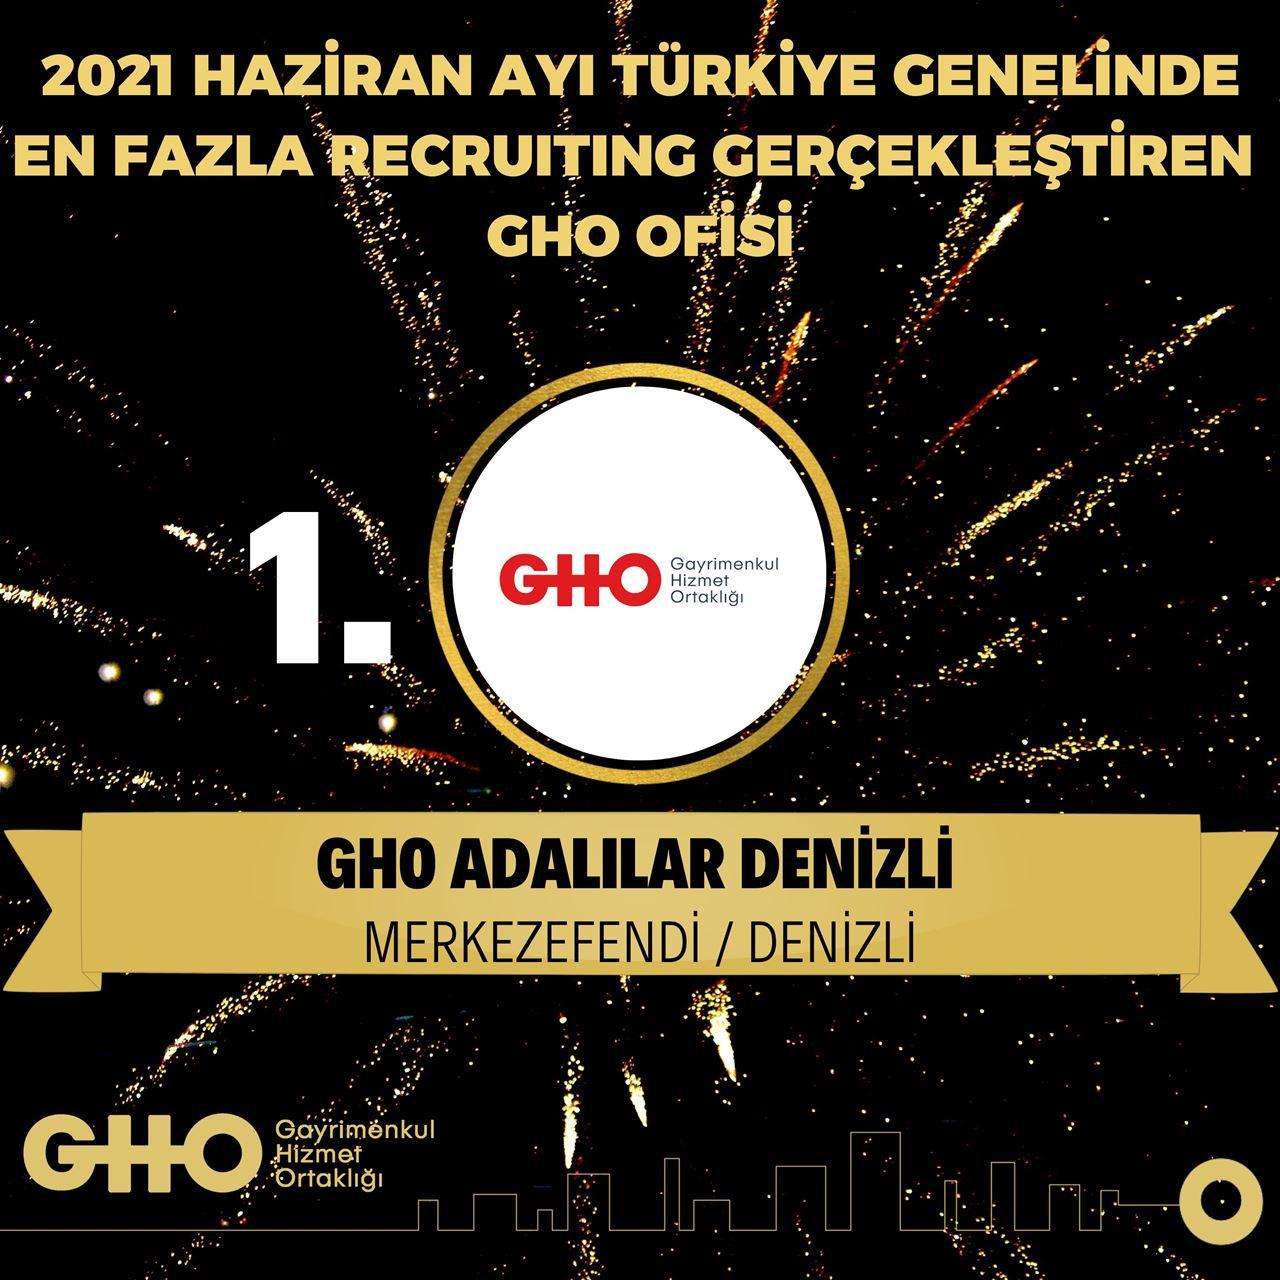 2021 Haziran Ayı Türkiye Geneli En Fazla Recruıtıng Gerçekleştiren GHO Ofisi